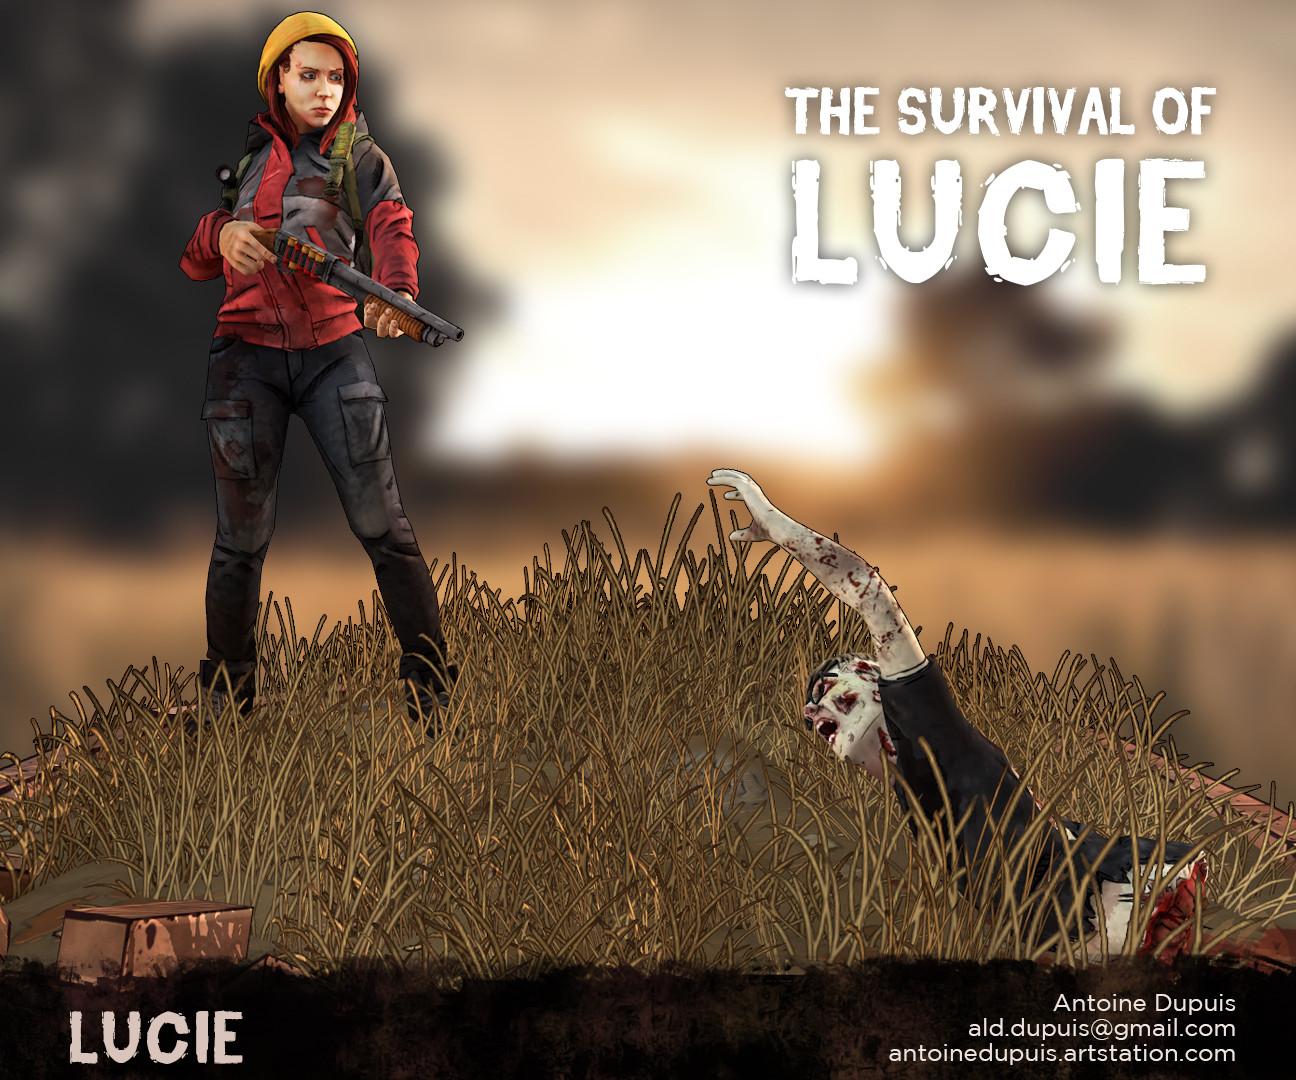 Antoine dupuis survivaloflucie 02